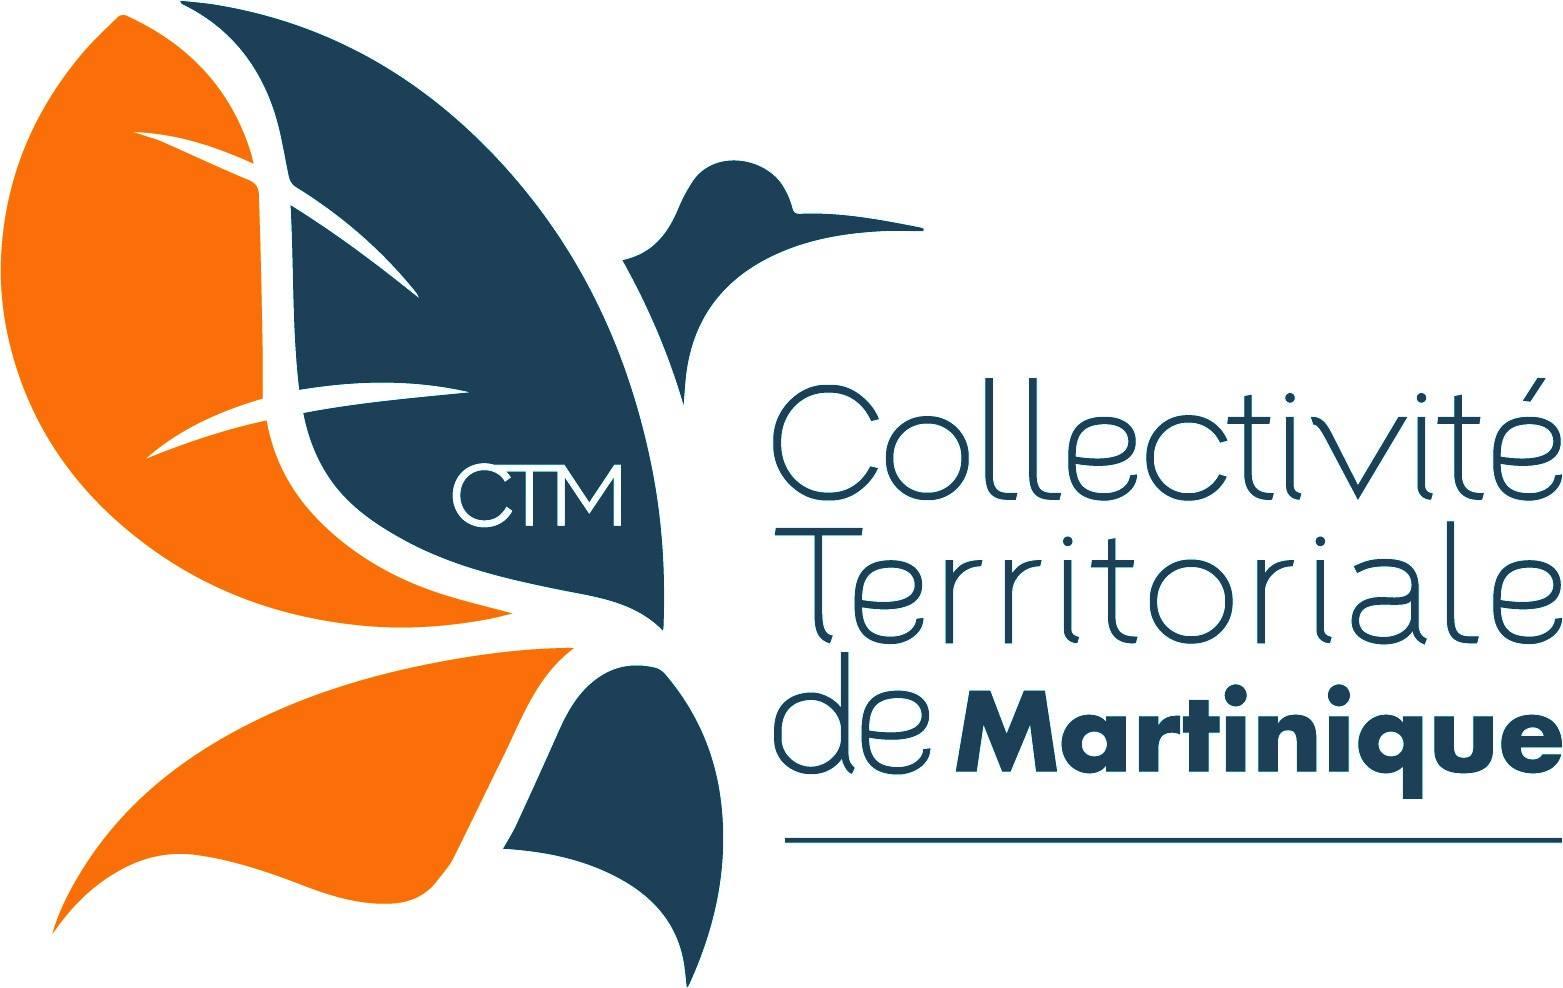 Maria – Solidarité CTM: Collecte en faveur de la Dominique AMJ lance son appel à la population